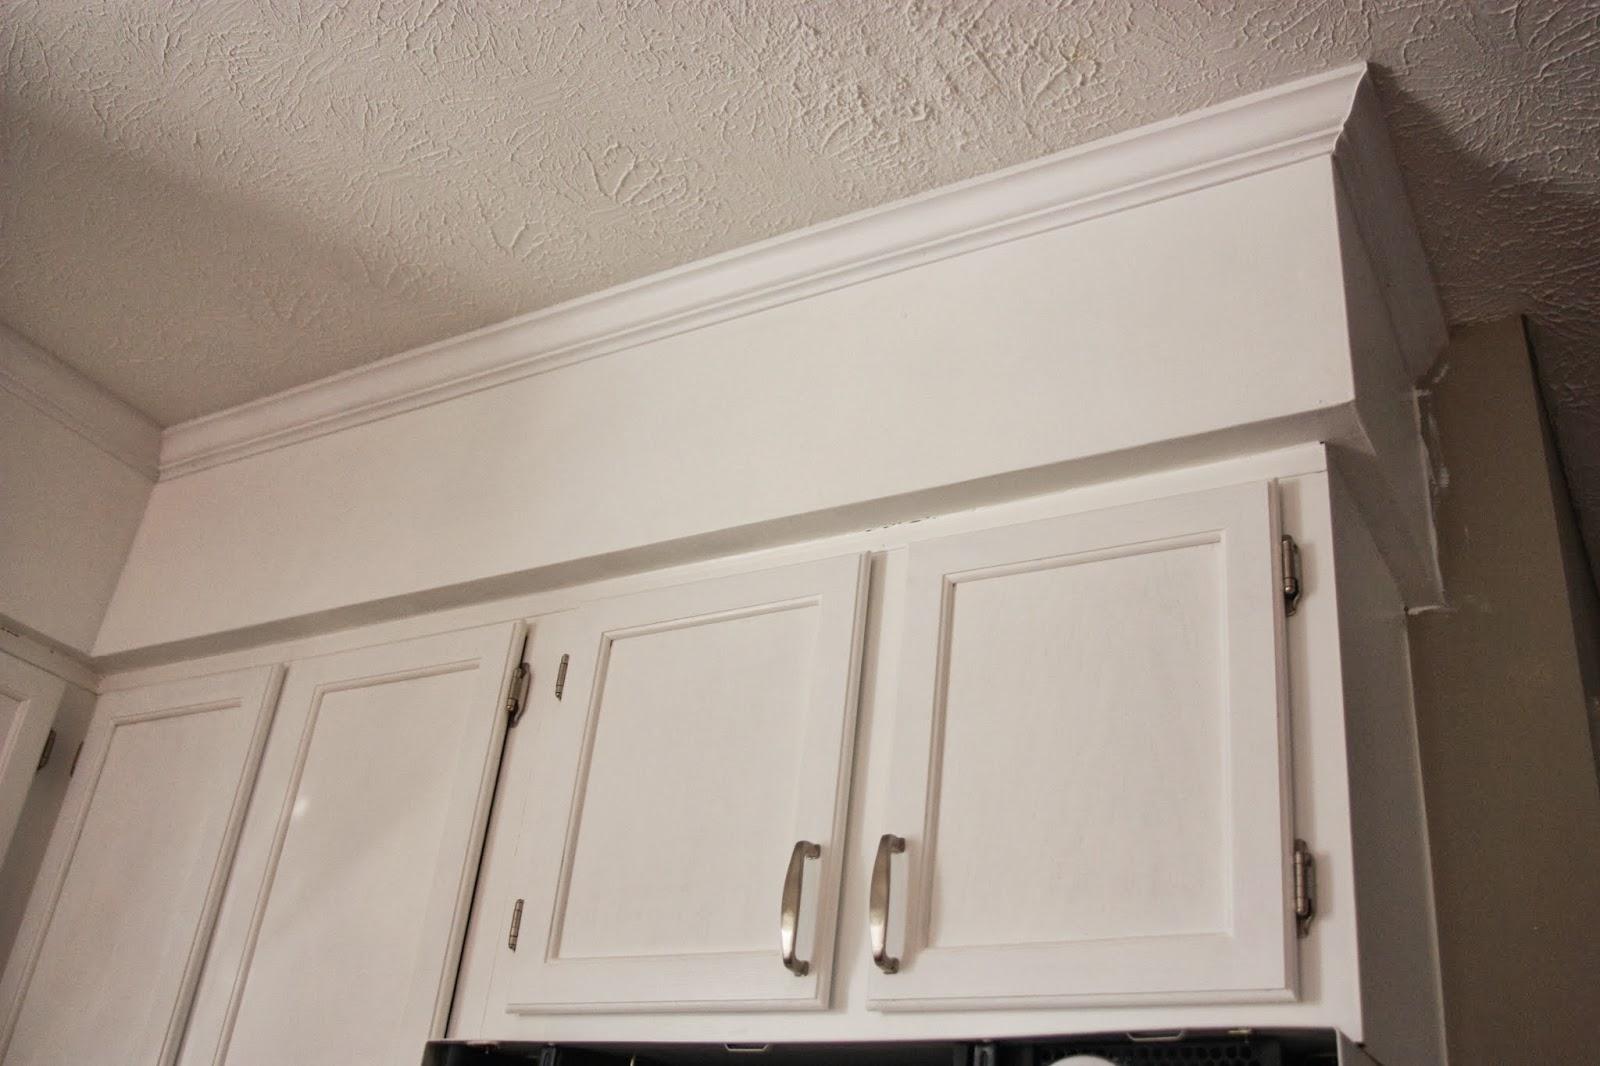 Kitchen Cabinet Trim Installation Spices Soffits Crown Molding Design Ideas